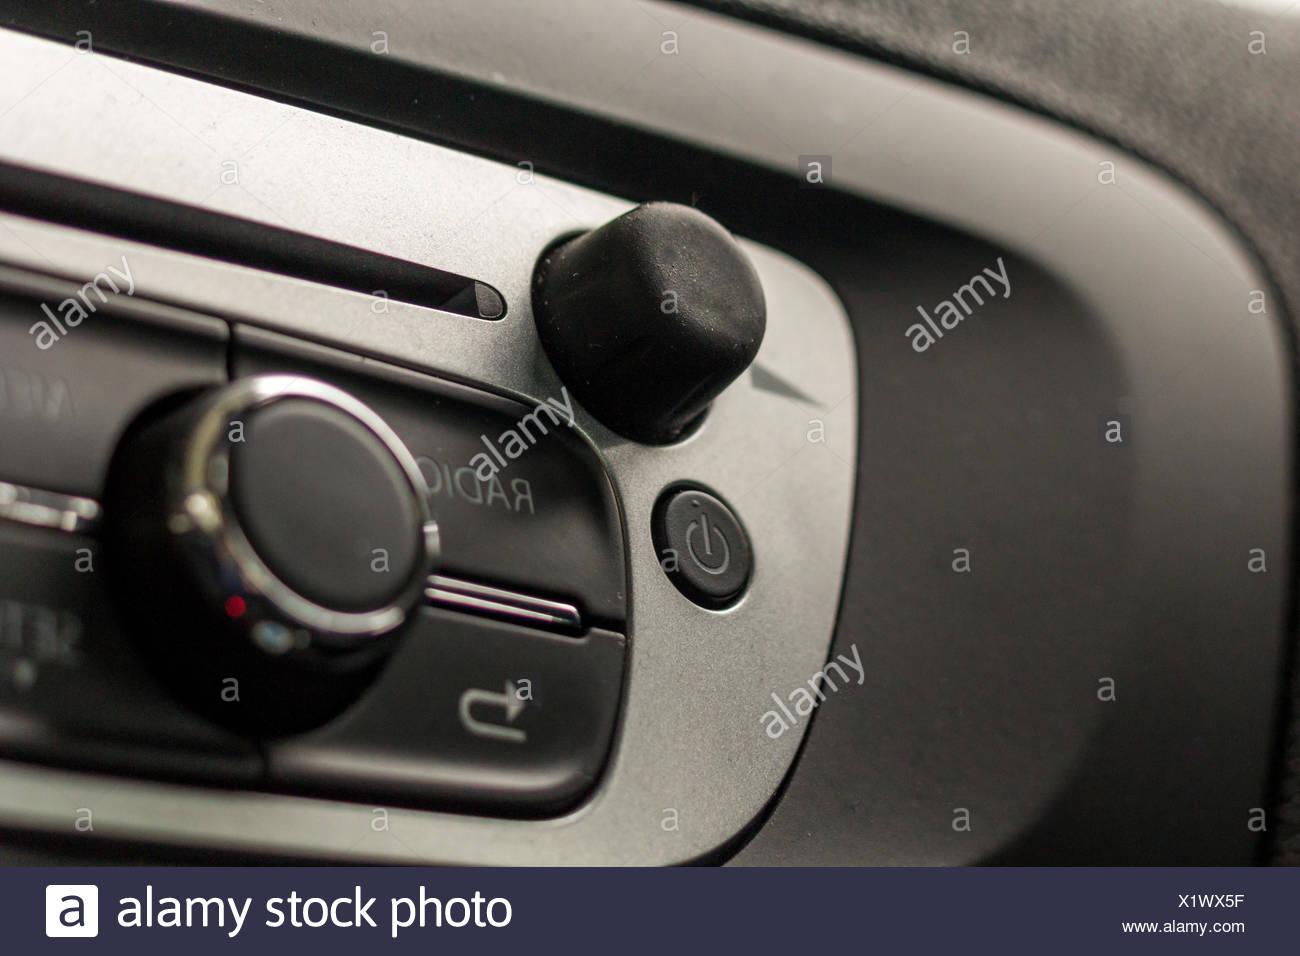 Closeup of a car radio - Stock Image